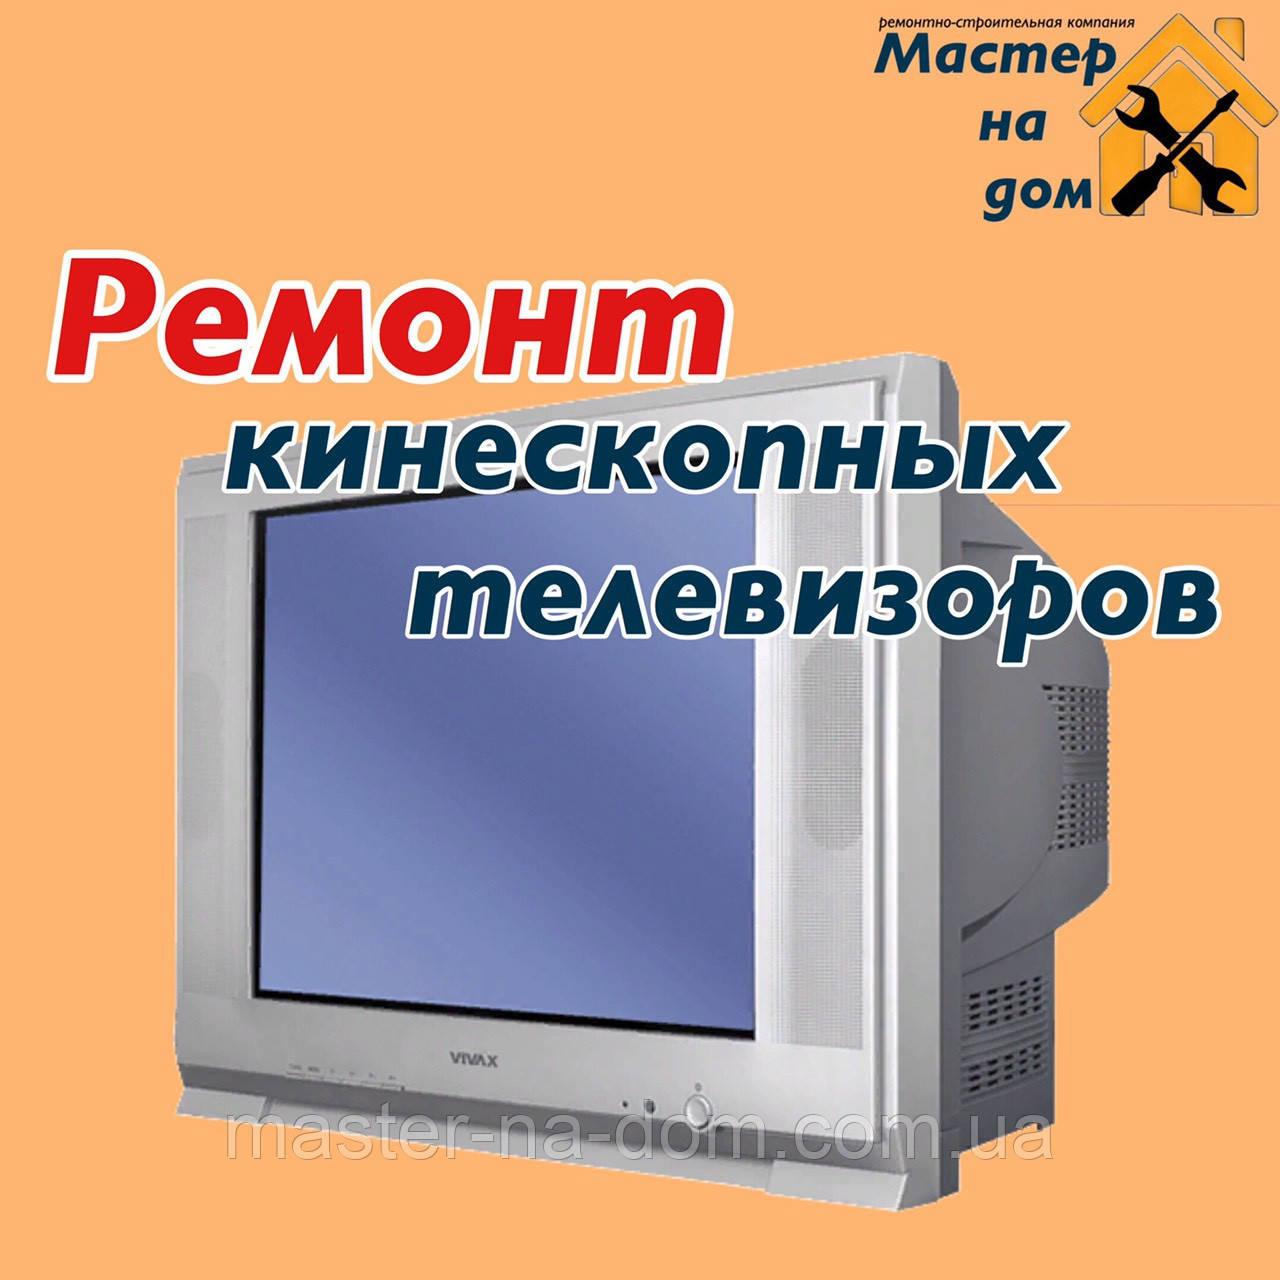 Ремонт телевізорів кінескопів на дому у Івано-Франківську